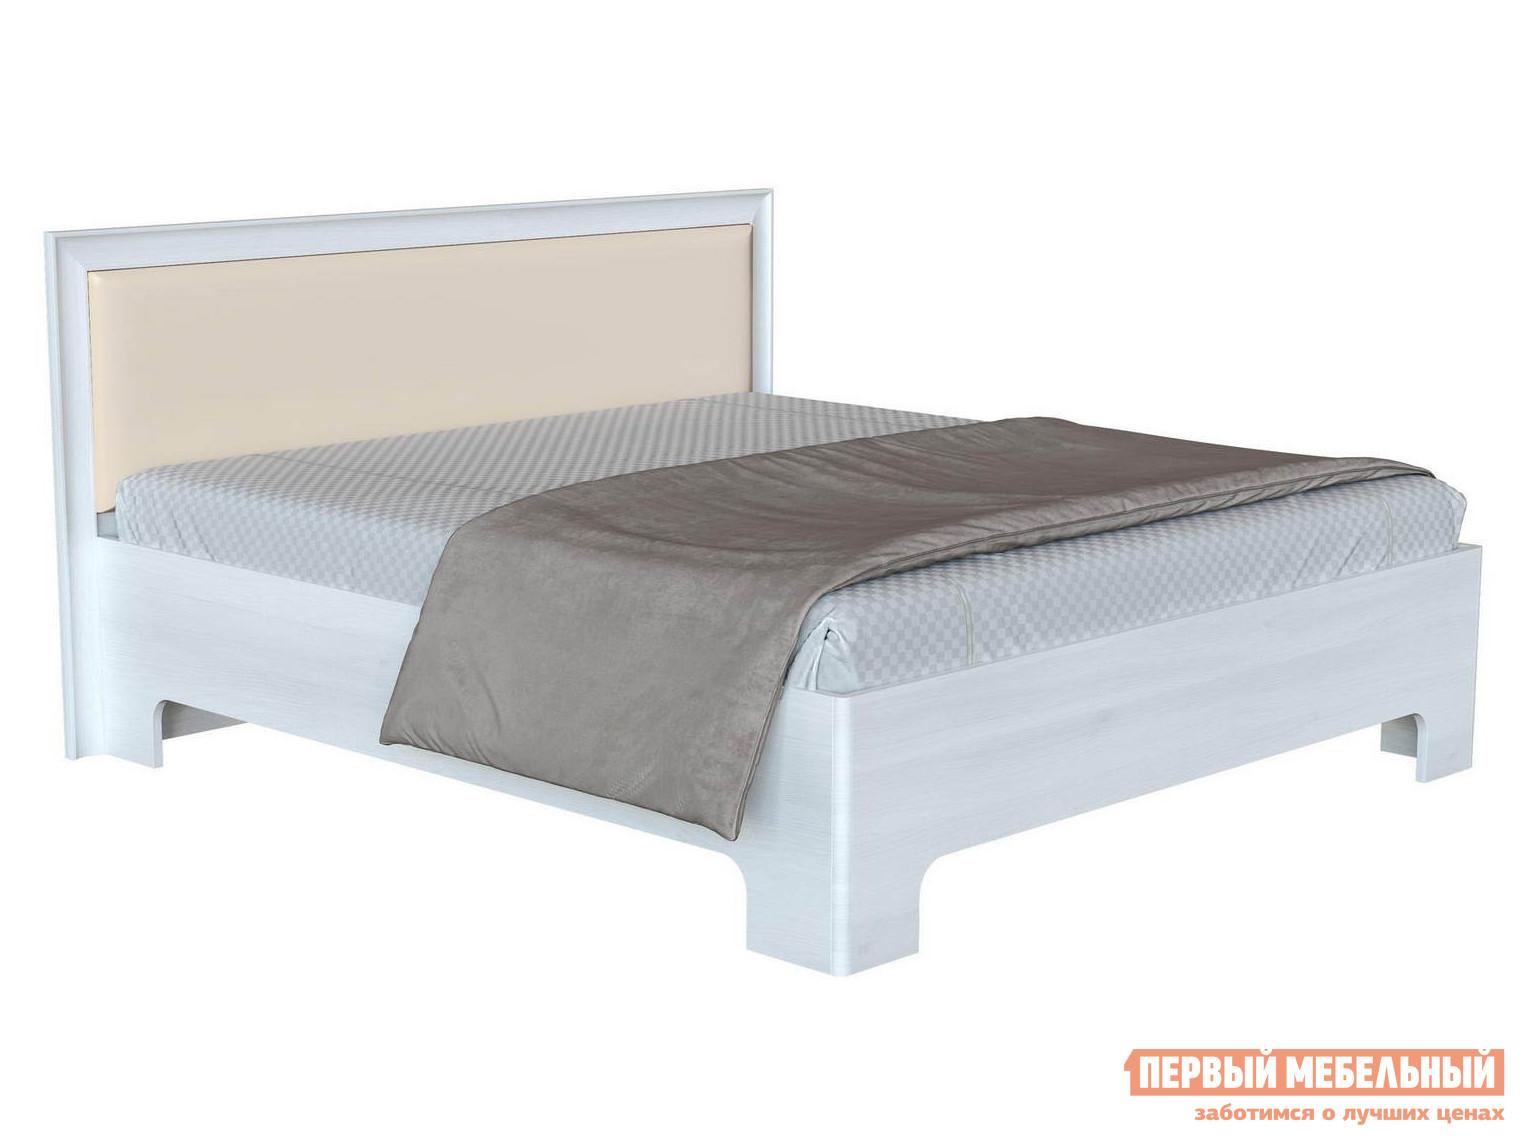 Двуспальная кровать Первый Мебельный Прато 1 цена